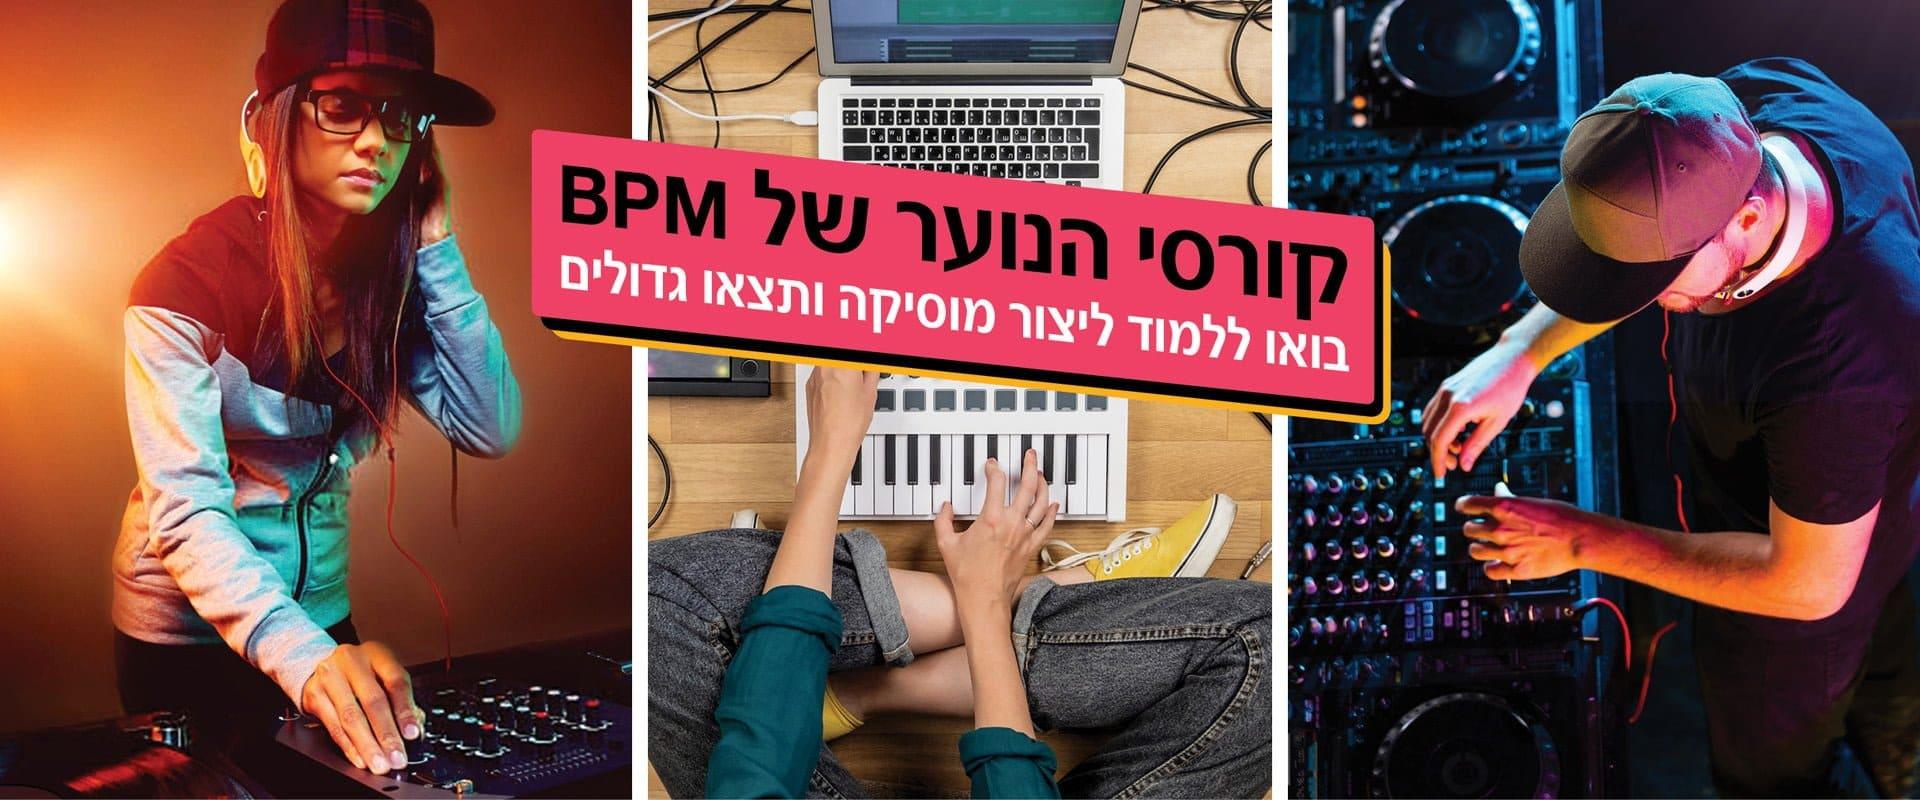 קורסים לנוער בקיץ, לימודי די ג'יי ומוסיקה אלקטרונית בחופש הגדול